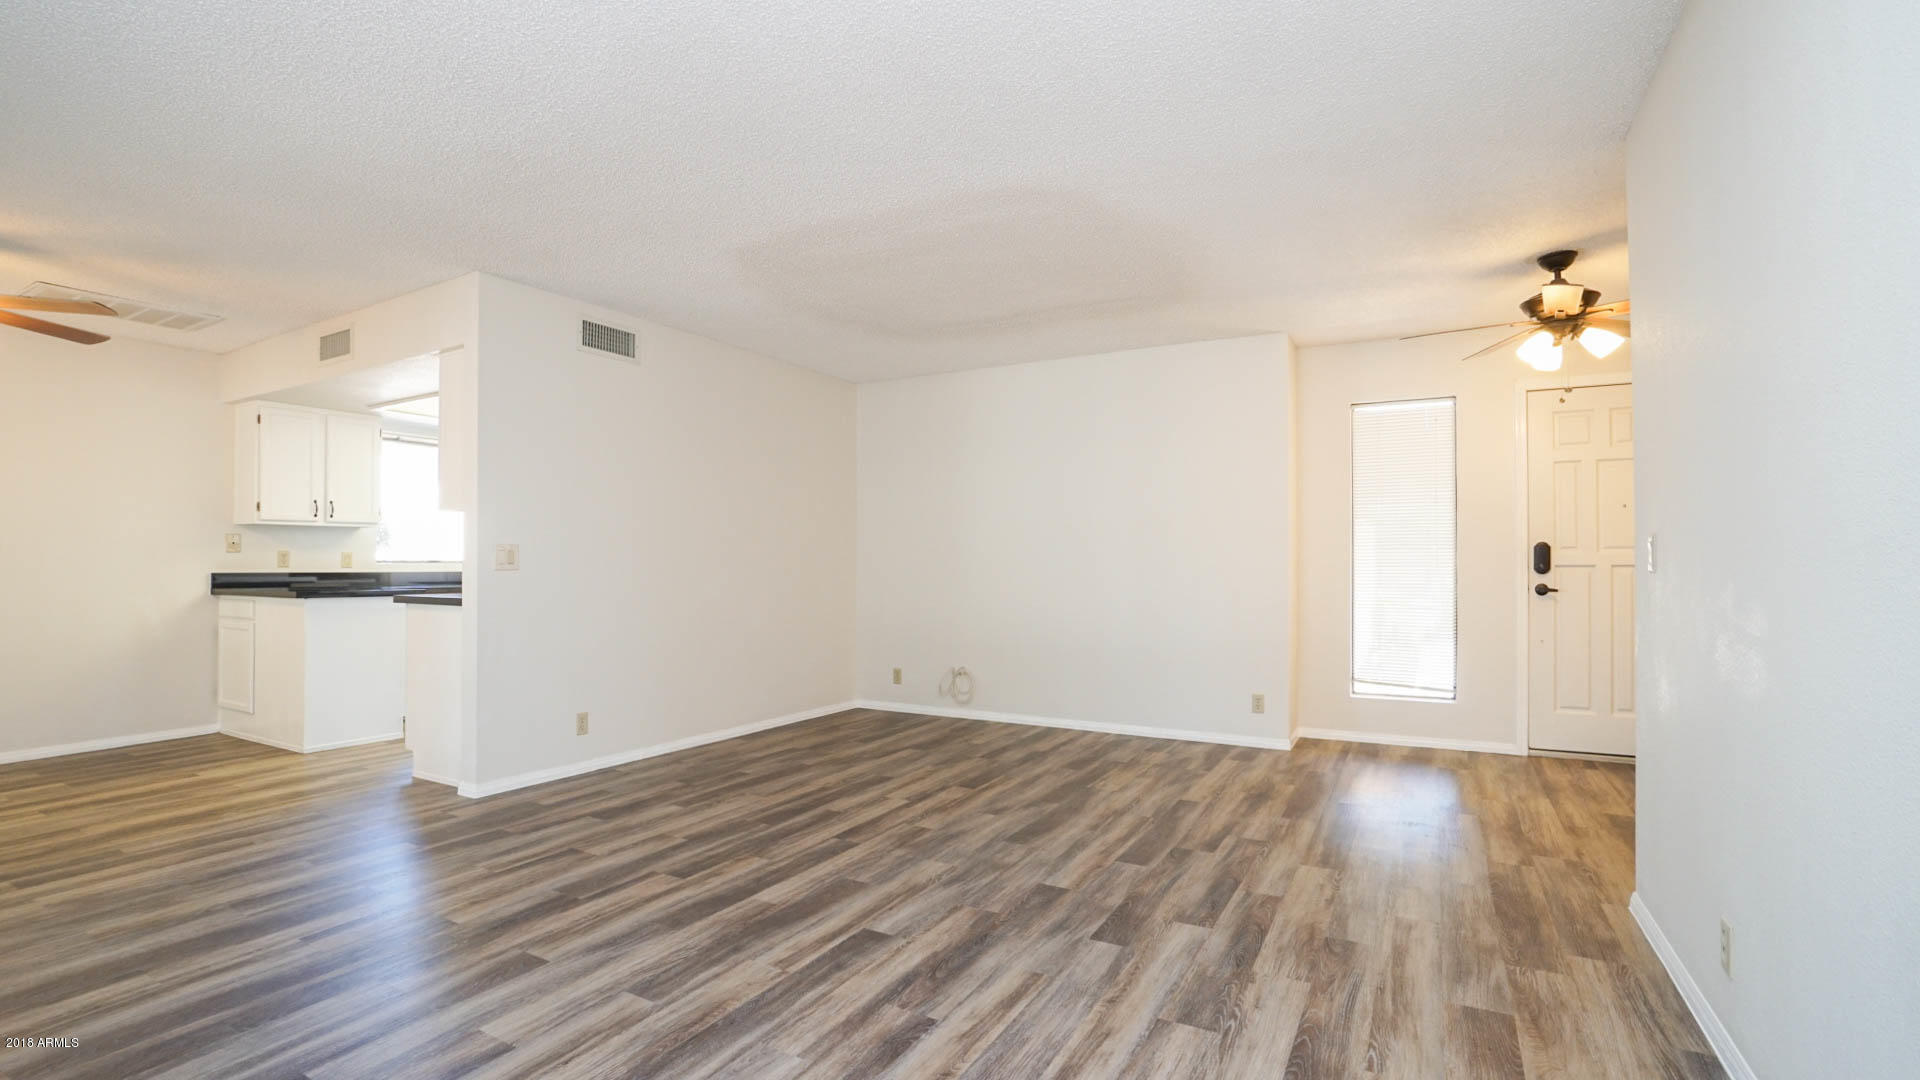 19856 N 98TH Lane Peoria, AZ 85382 - MLS #: 5822982